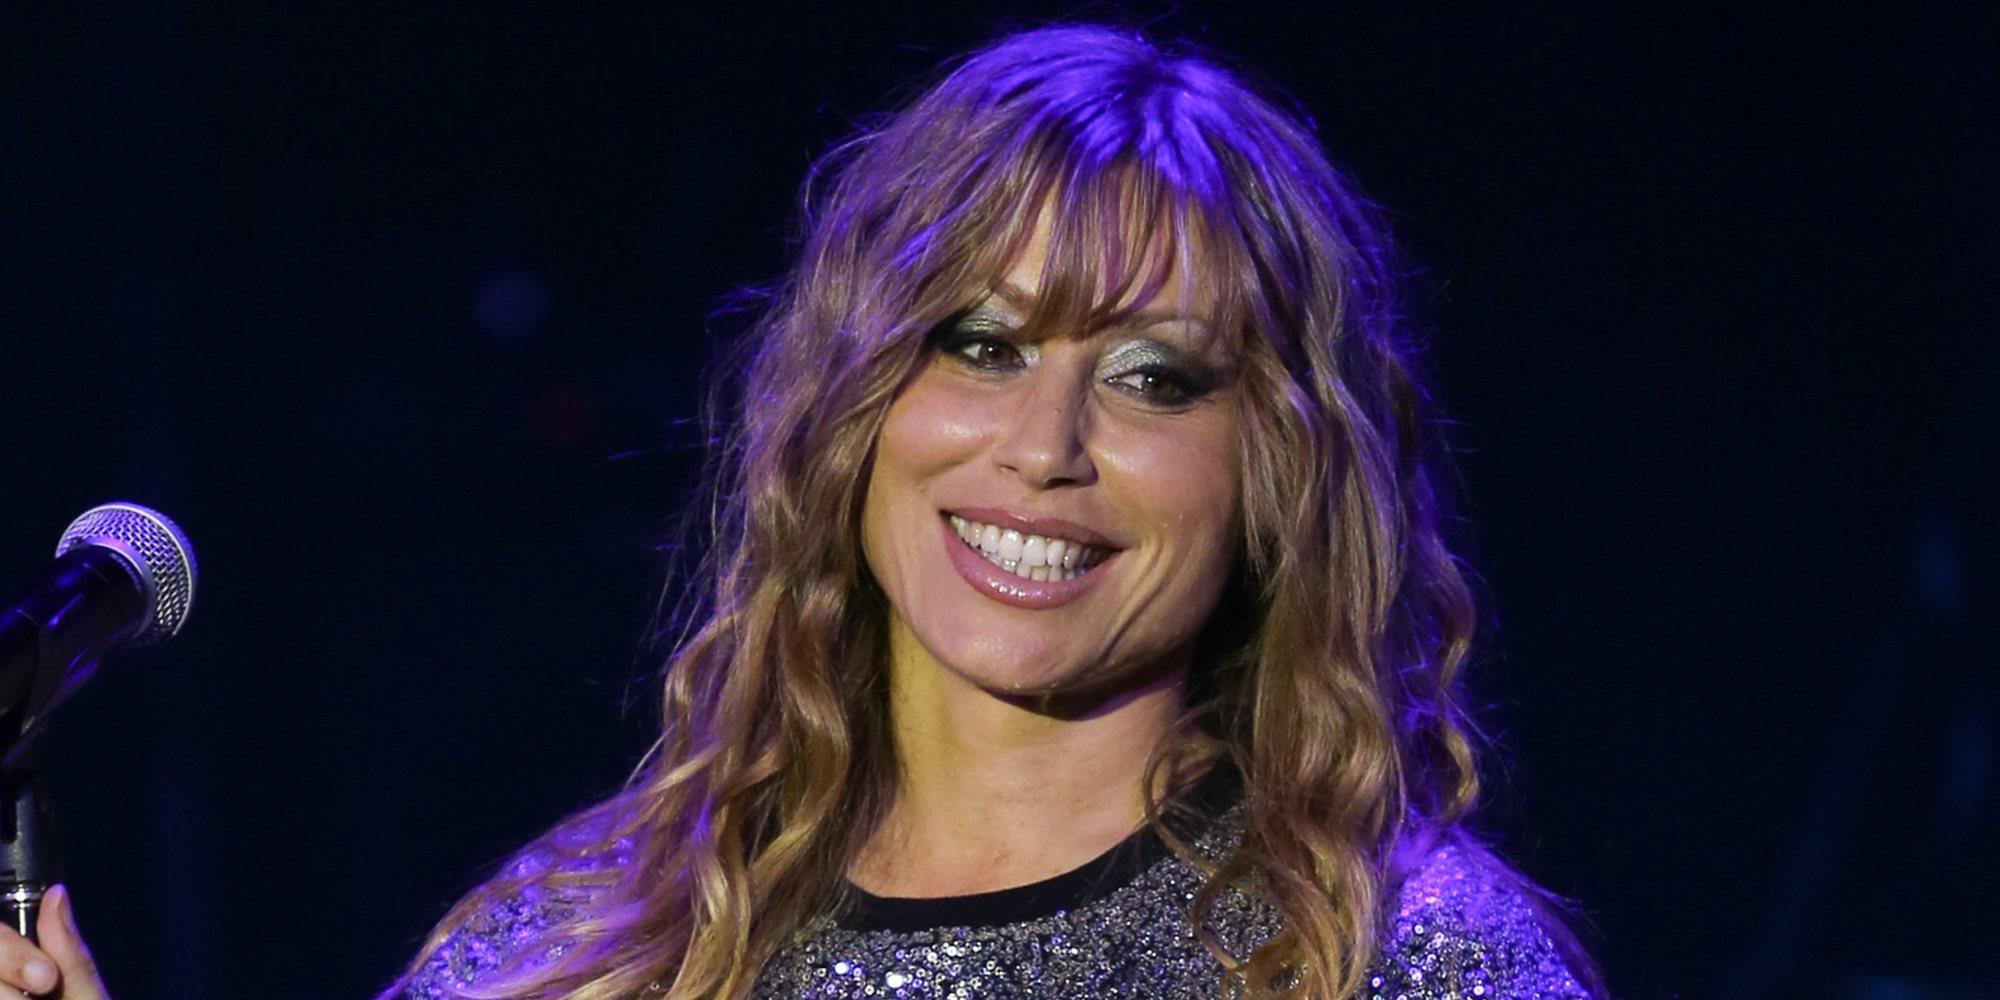 """Verónica Romero saca el single 'Si te quedas' y reflexiona sobre el amor: """"Una relación es dar tu verdad"""""""